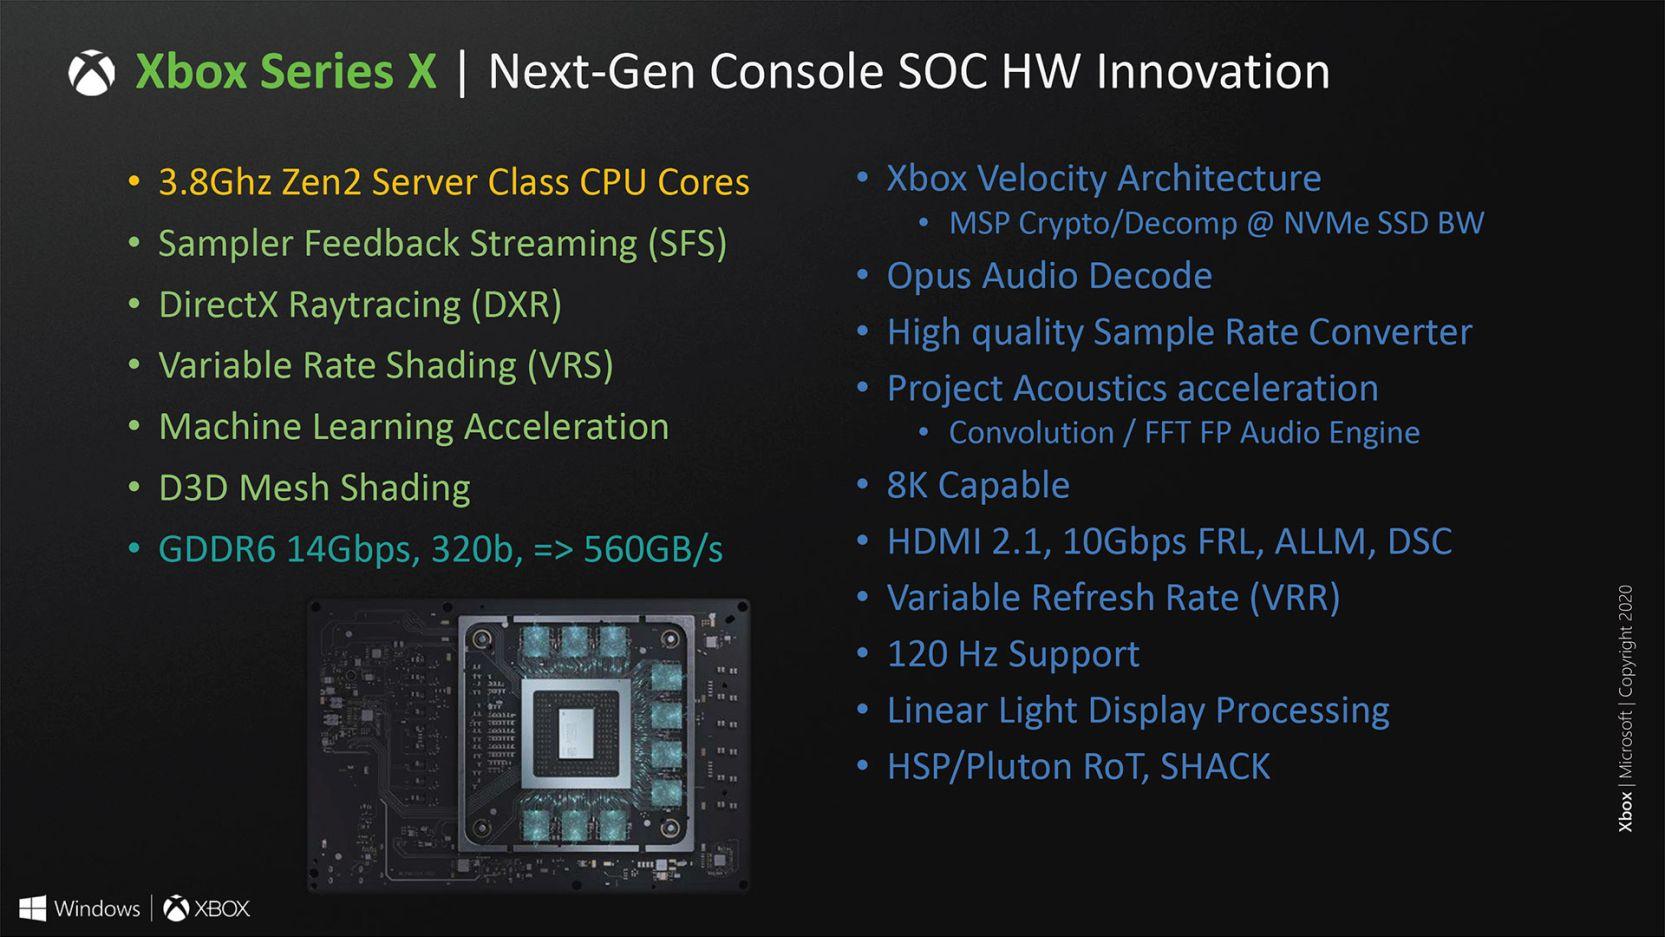 Microsoft confirma el precio de Xbox Series X: costará 499 euros y llegará el 10 de noviembre 33